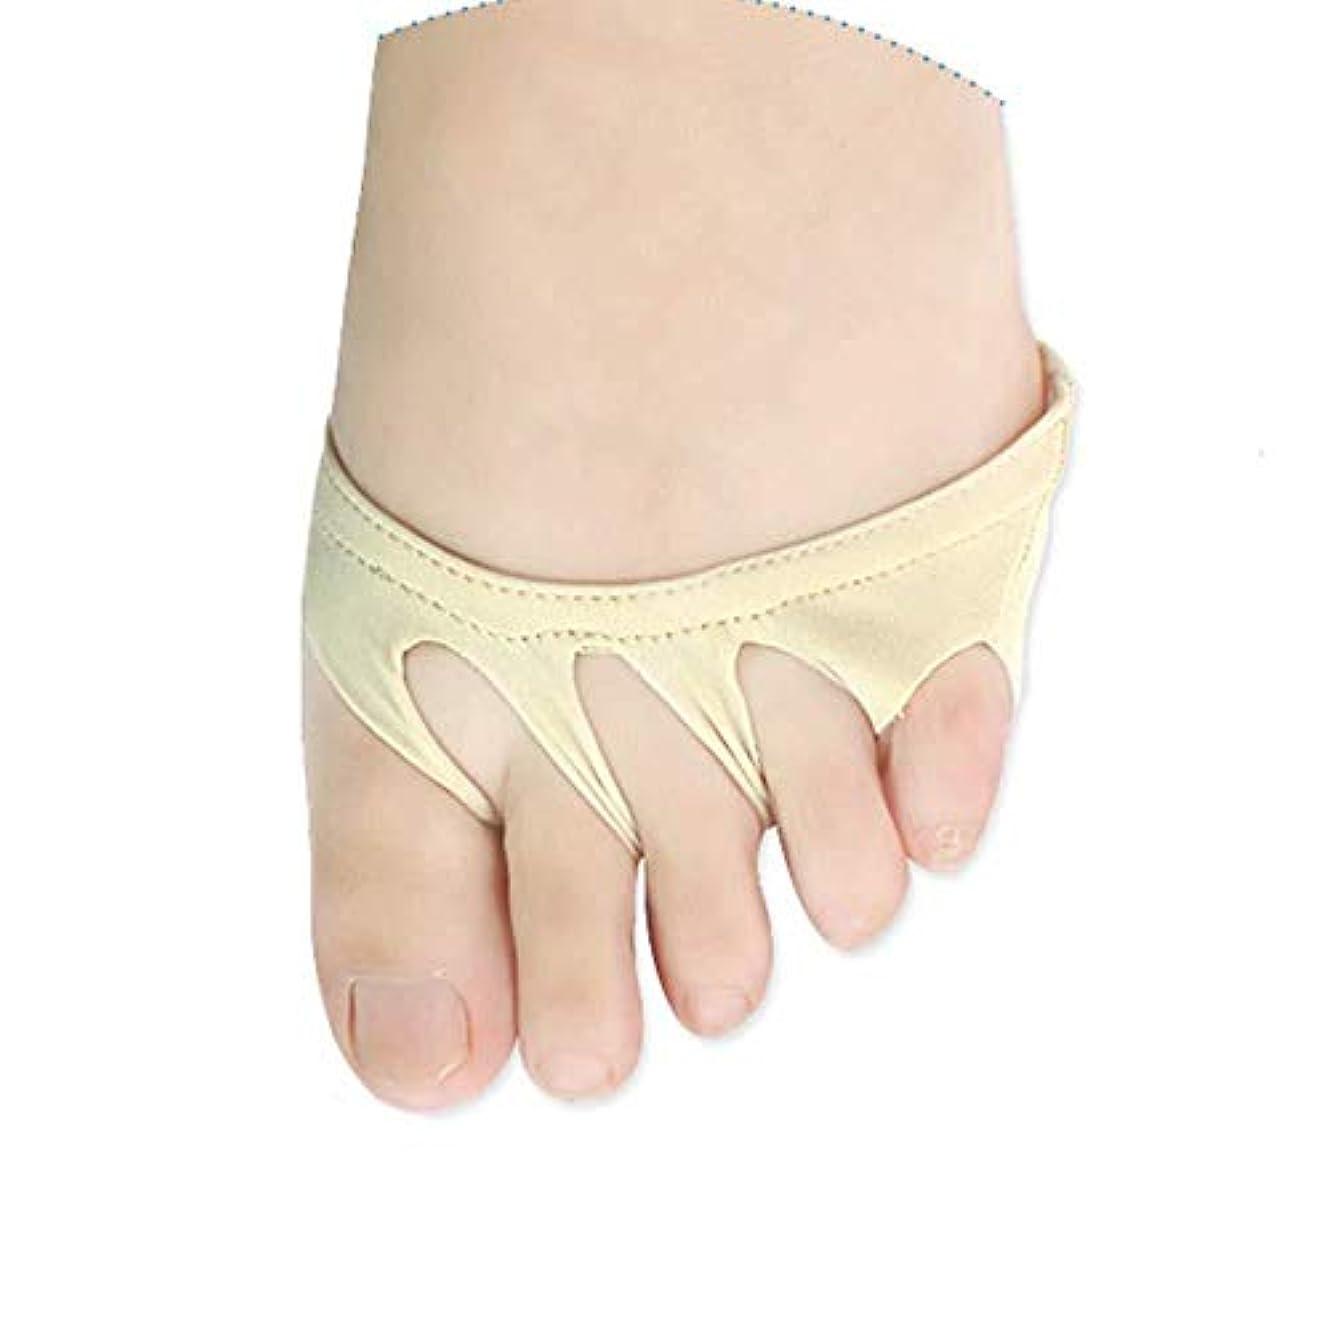 豆実用的出発するつま先セパレーター、つま先外反矯正のつま先セパレーターは、痛みを和らげるために親指を使用して外反母hallに毎日適用されます